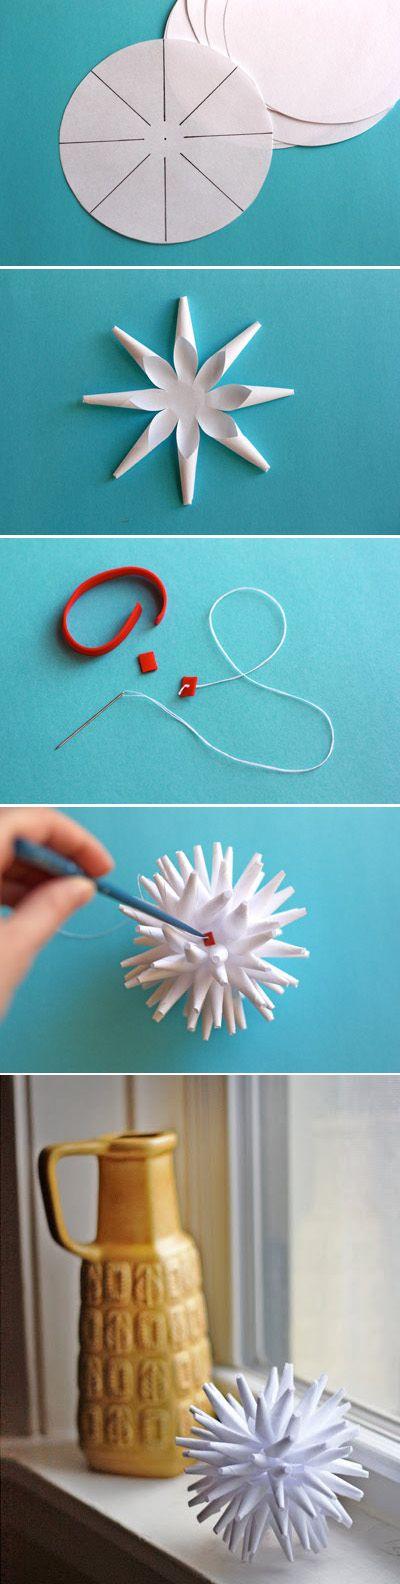 Paper Ornament: